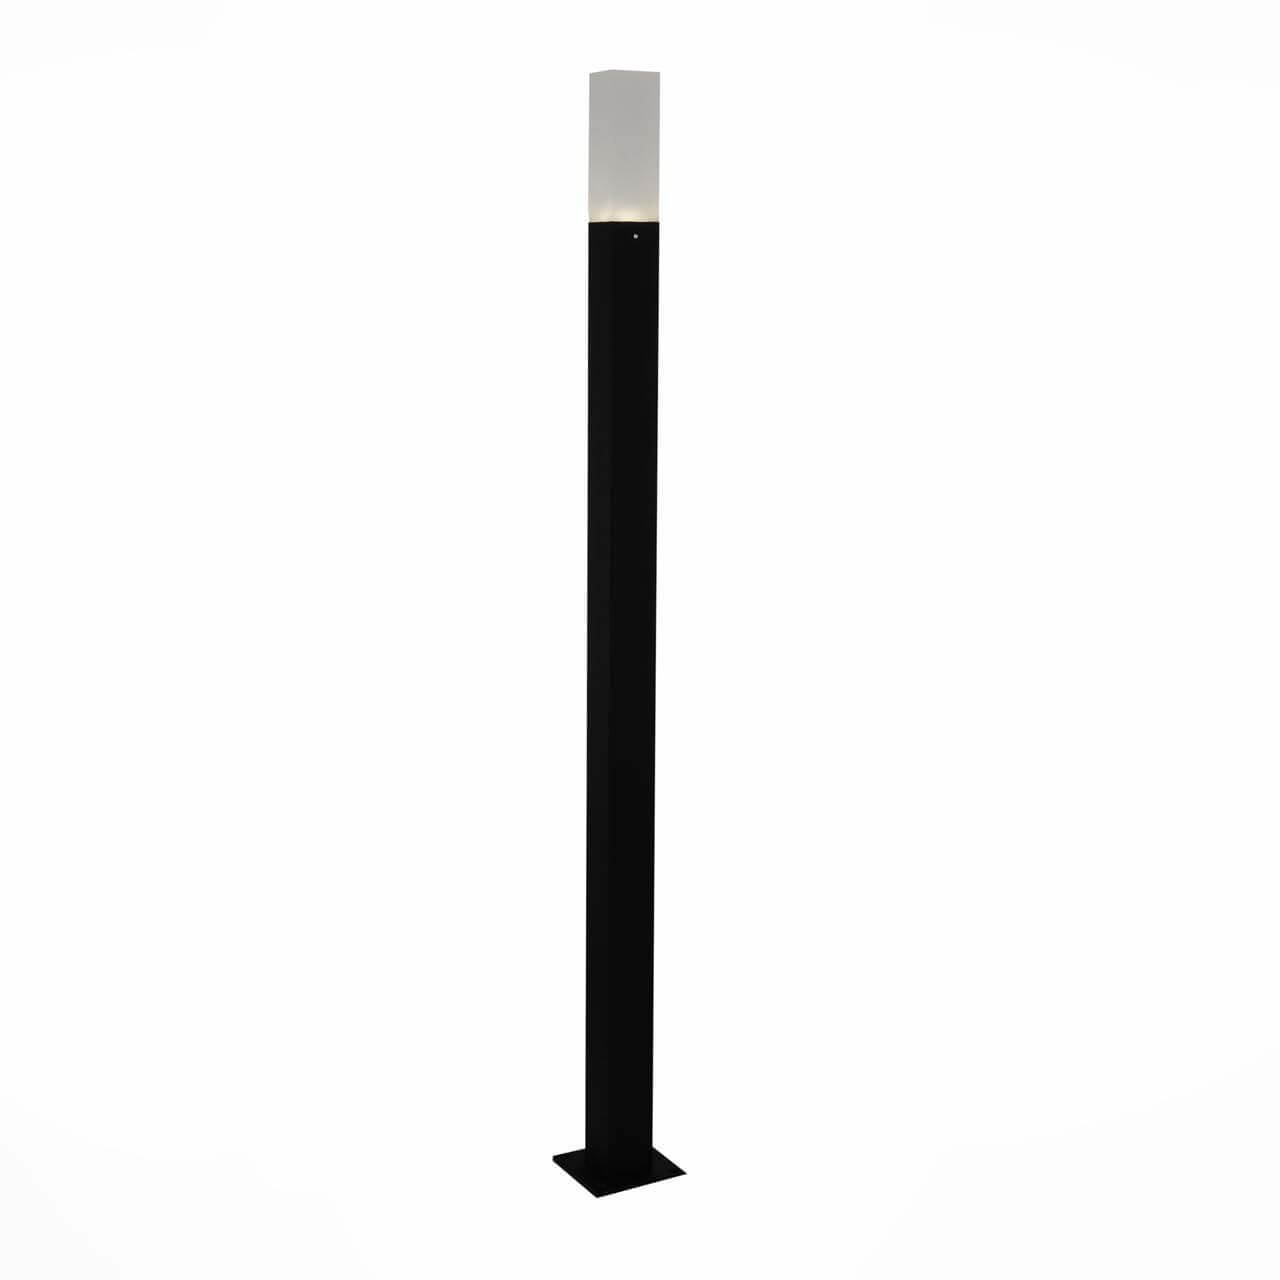 Уличный светодиодный светильник ST Luce SL101.415.01 наземный низкий светильник st luce sl101 415 01